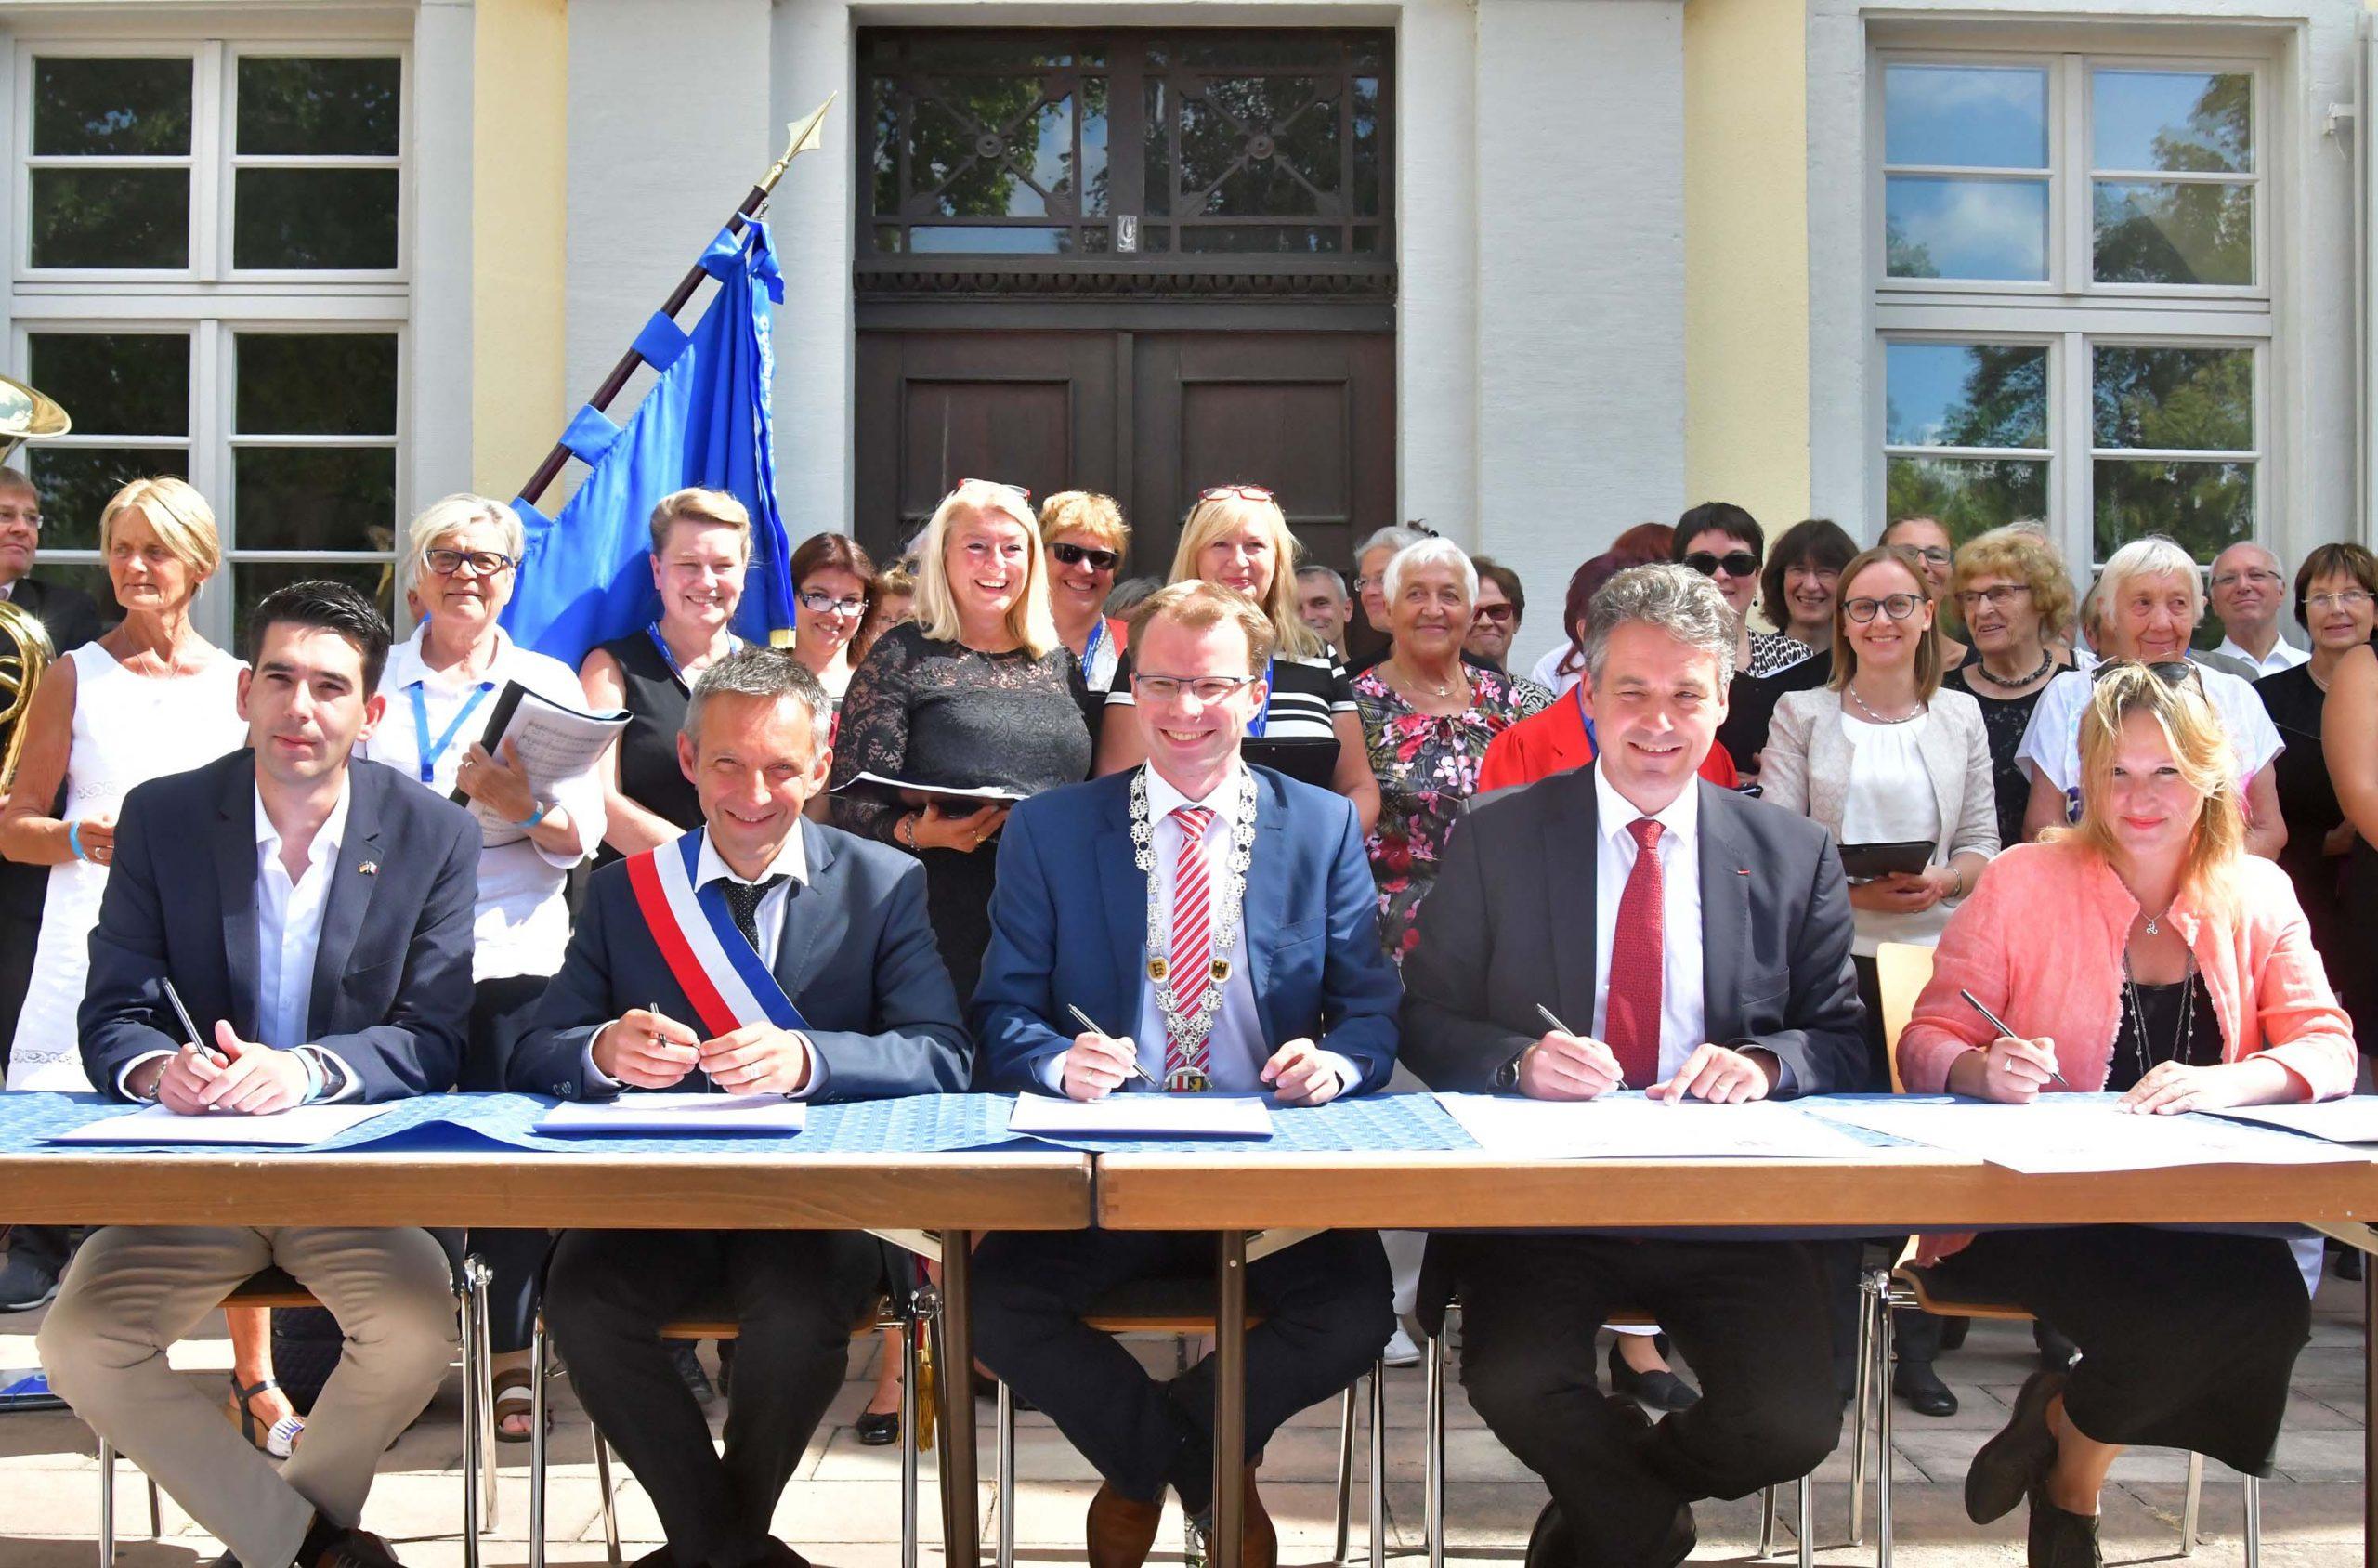 Am Tag der Städtepartnerschaft trafen sich die Bürgermeister von Plouguerneau und Edingen-Neckarhausen sowie die Präsidenten der Städtepartnerschaft.